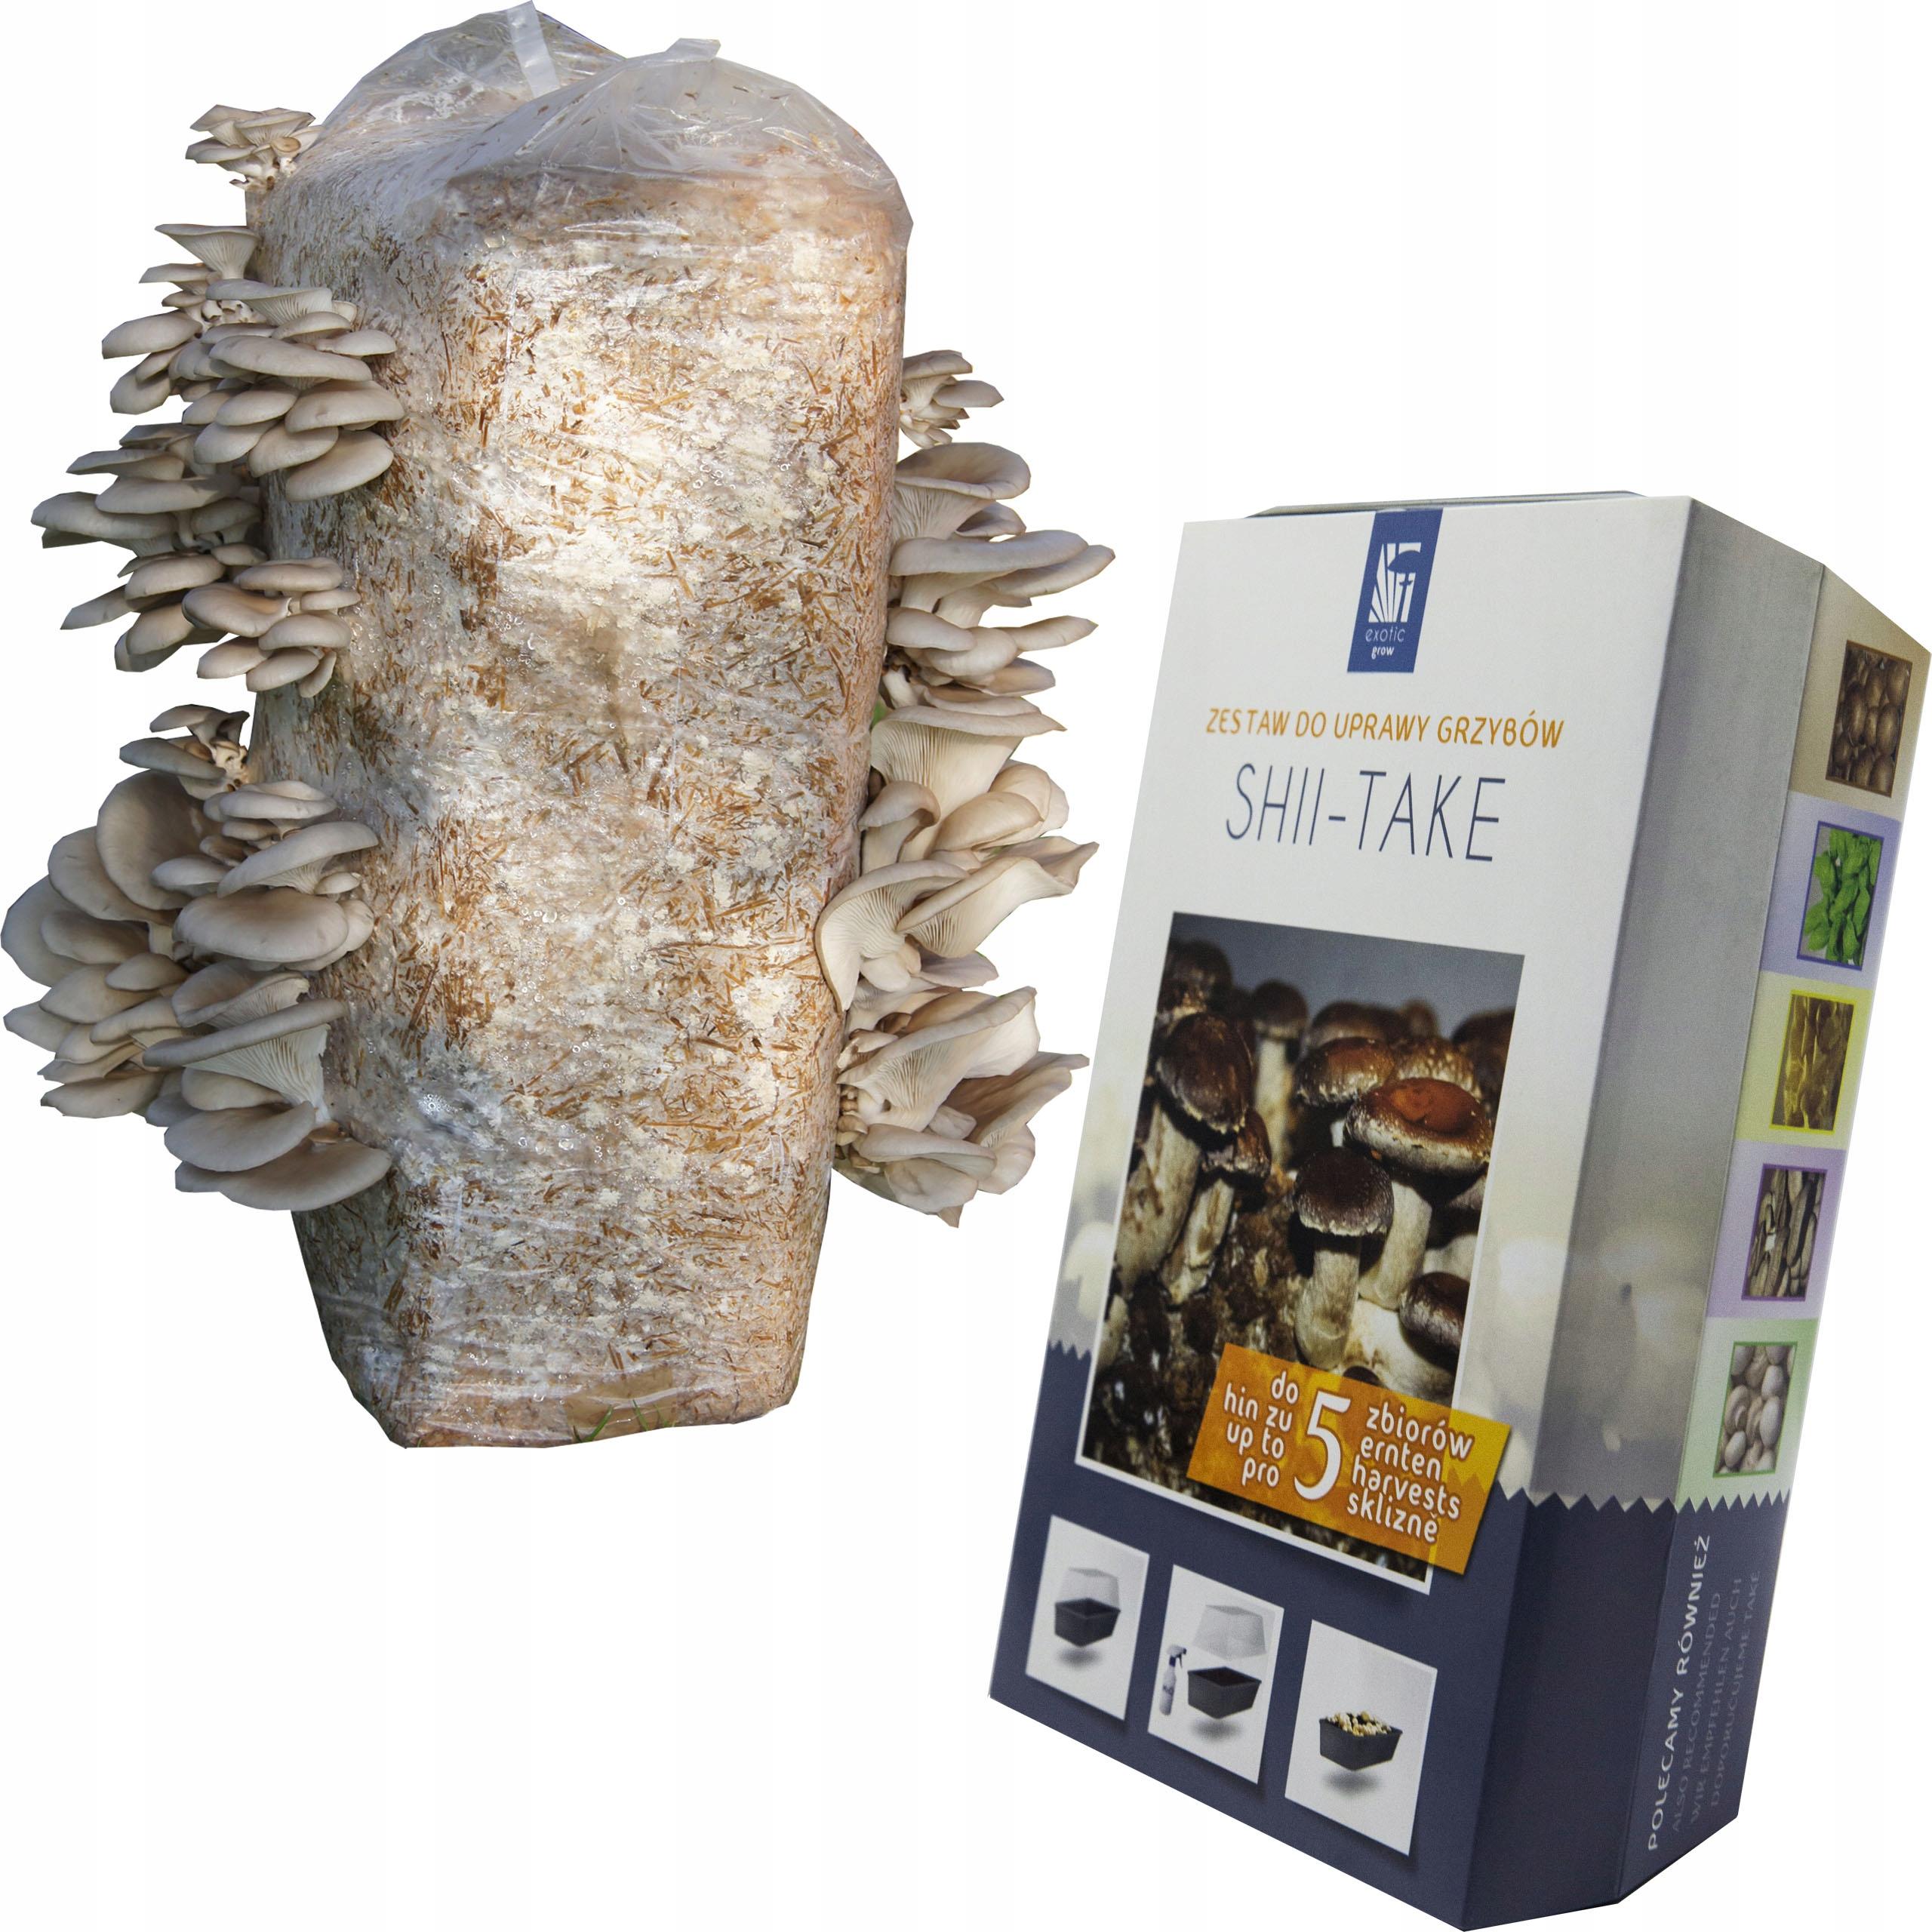 SHIITAKE + BOCZNIAK grzybnia grzyby shii-take